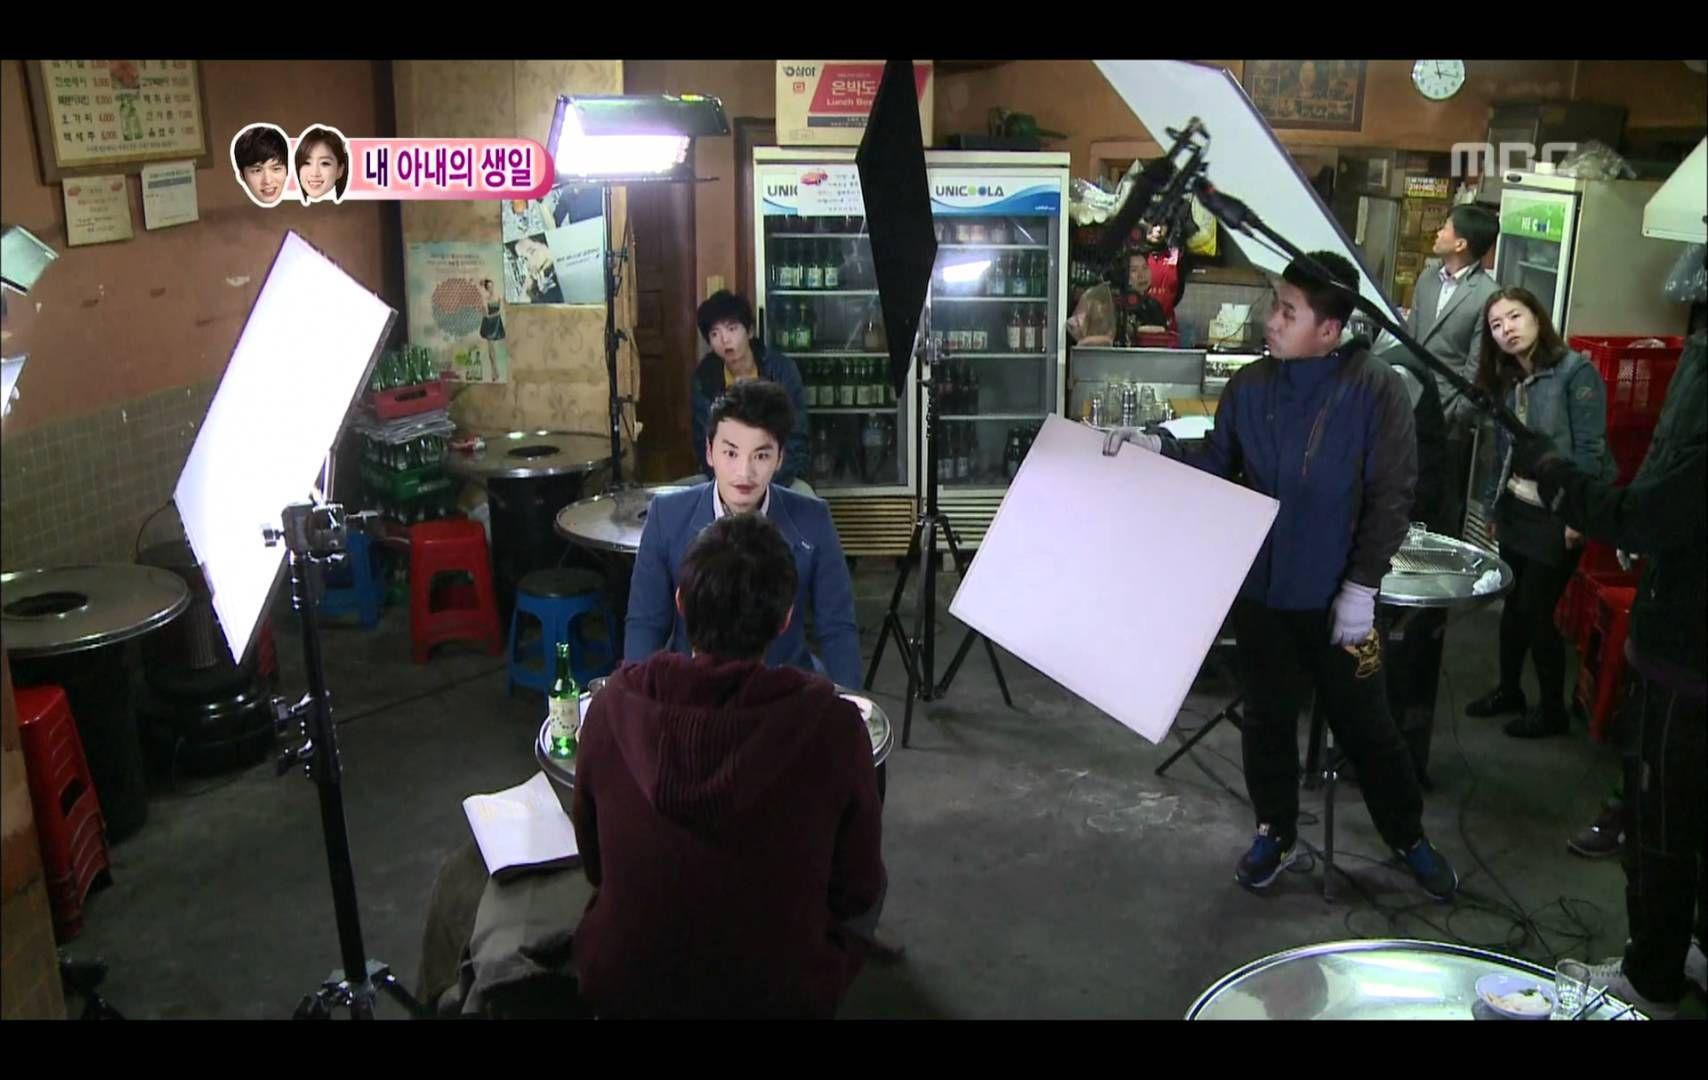 우리 결혼했어요 - We got Married, Jang-woo,Eun-jung(38) #02, 20120107